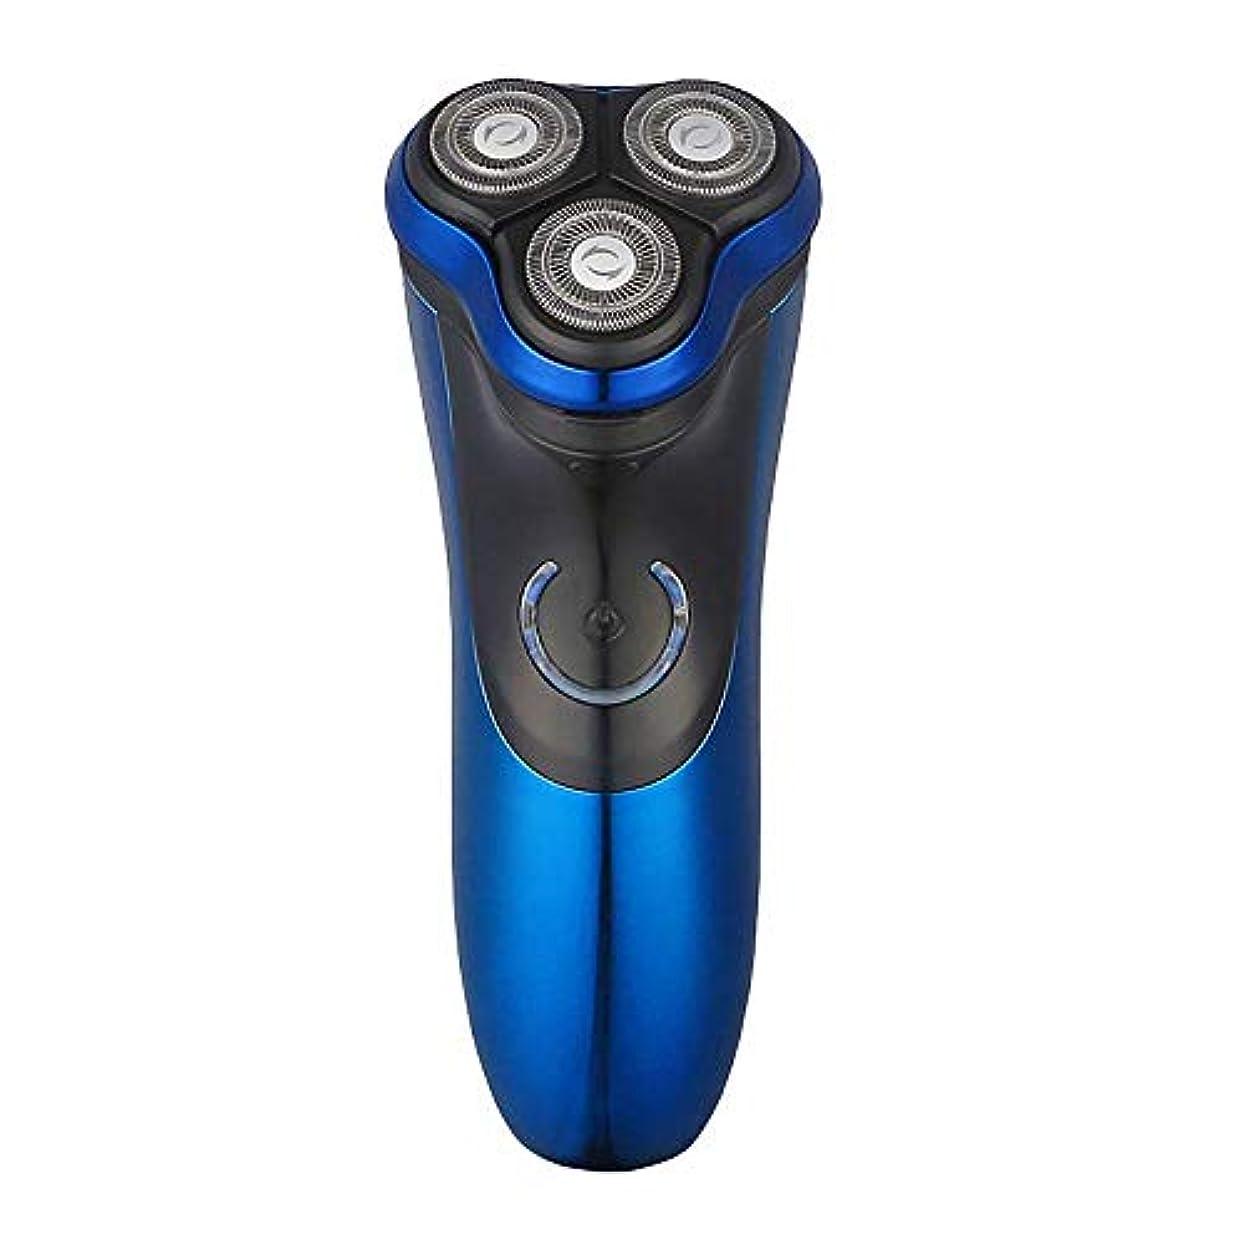 冒険家圧縮されたアピールメンズロータリーシェーバーポップアップトリマー付き電気シェービングカミソリ3Dフローティングヘッドワイヤレス使用男性用シェービングマシン防水コードレス充電式